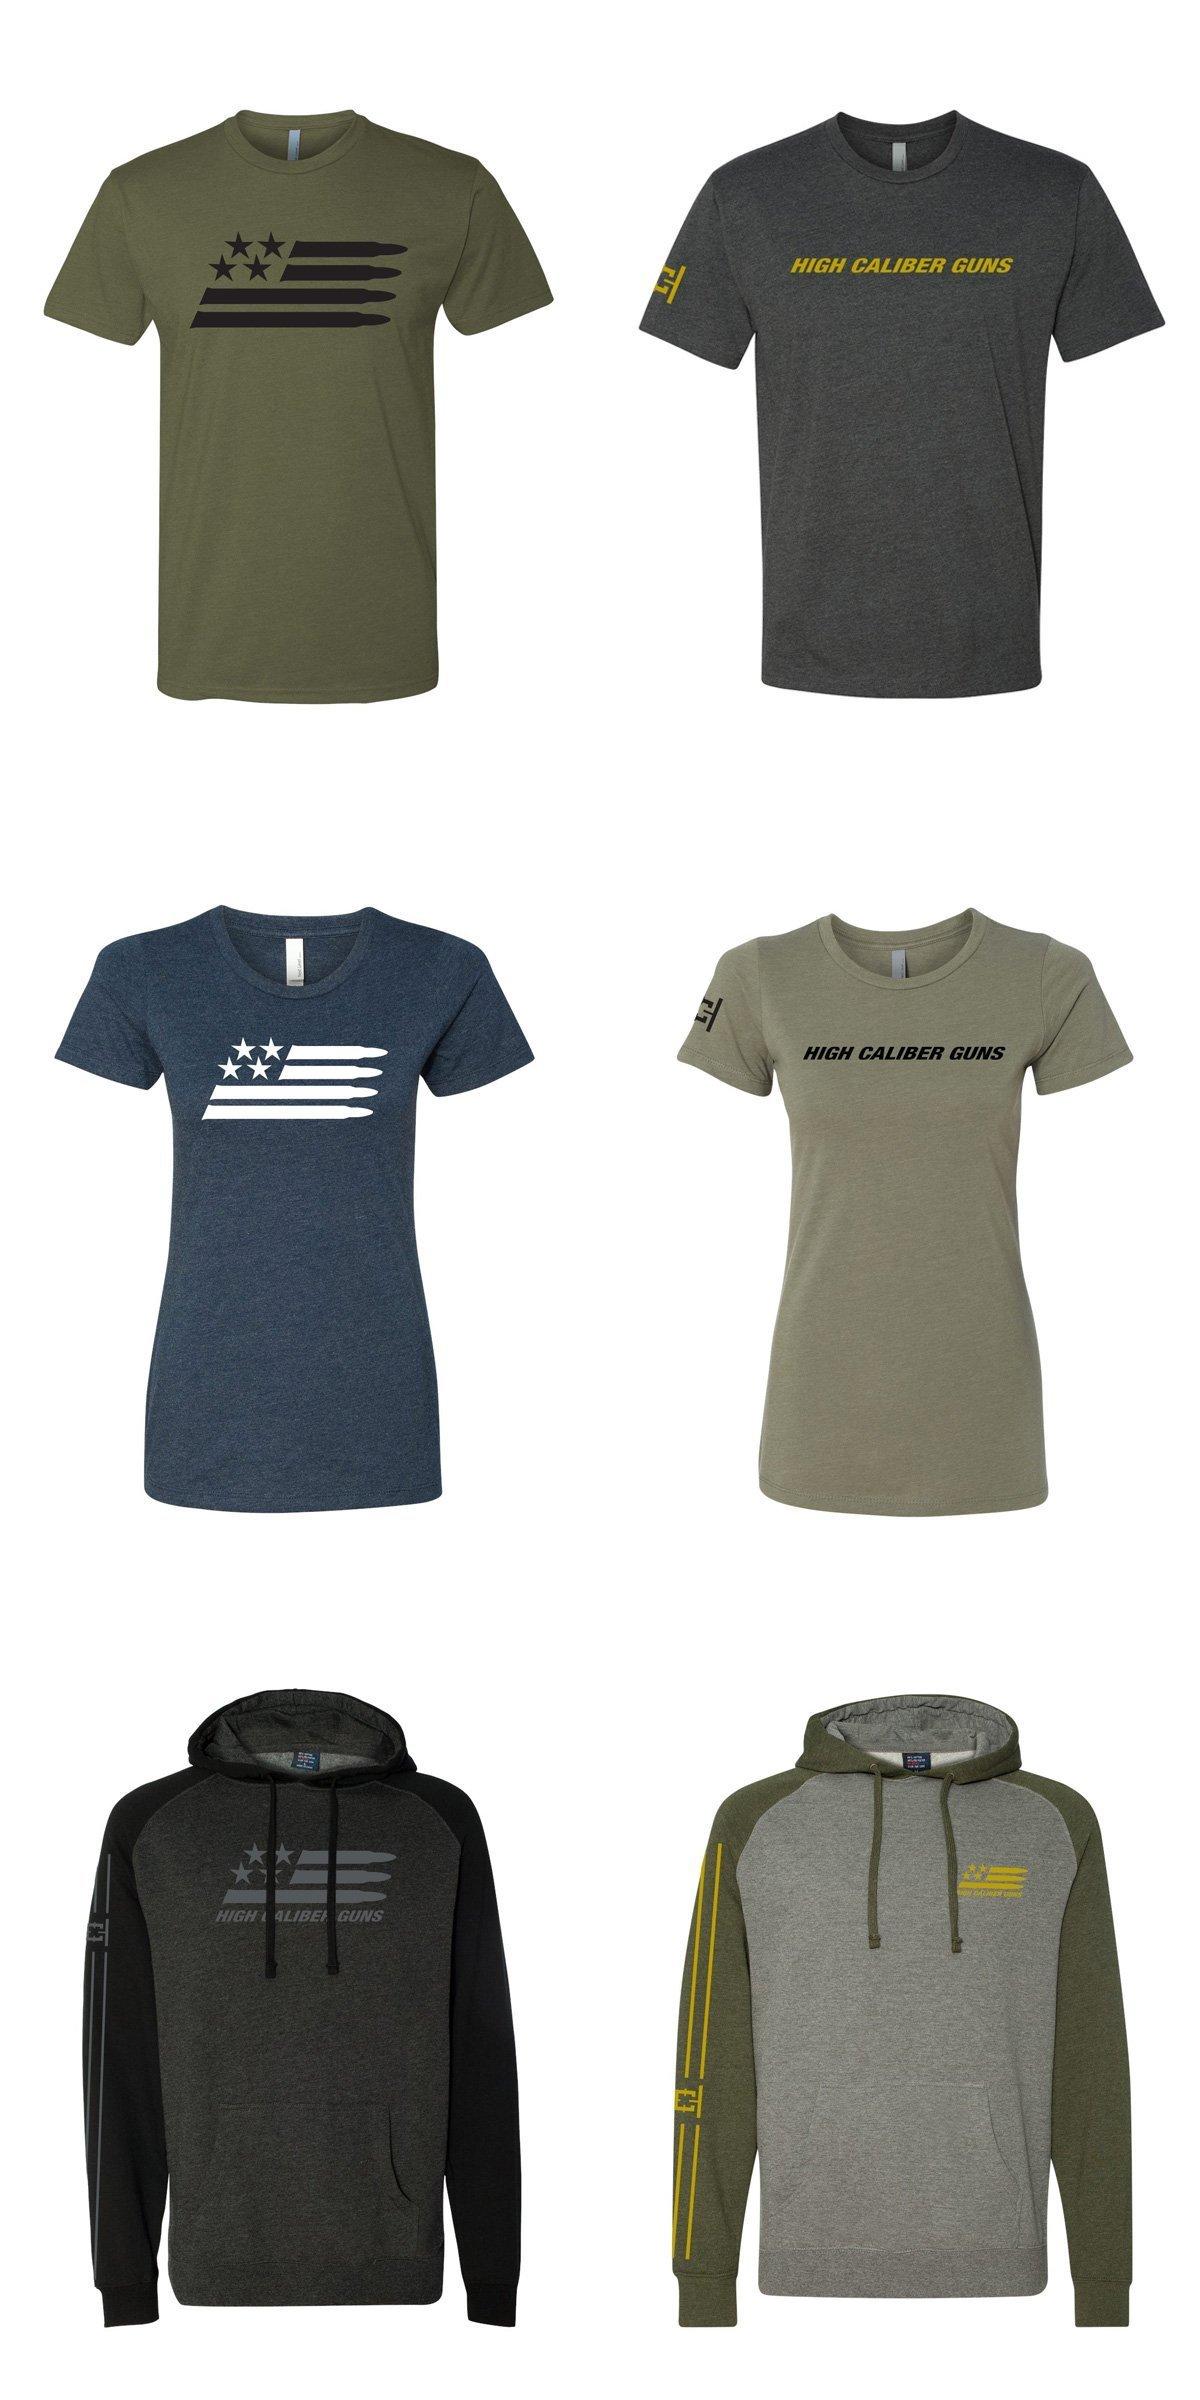 T-shirt designs for High Caliber Guns, from Cerberus.